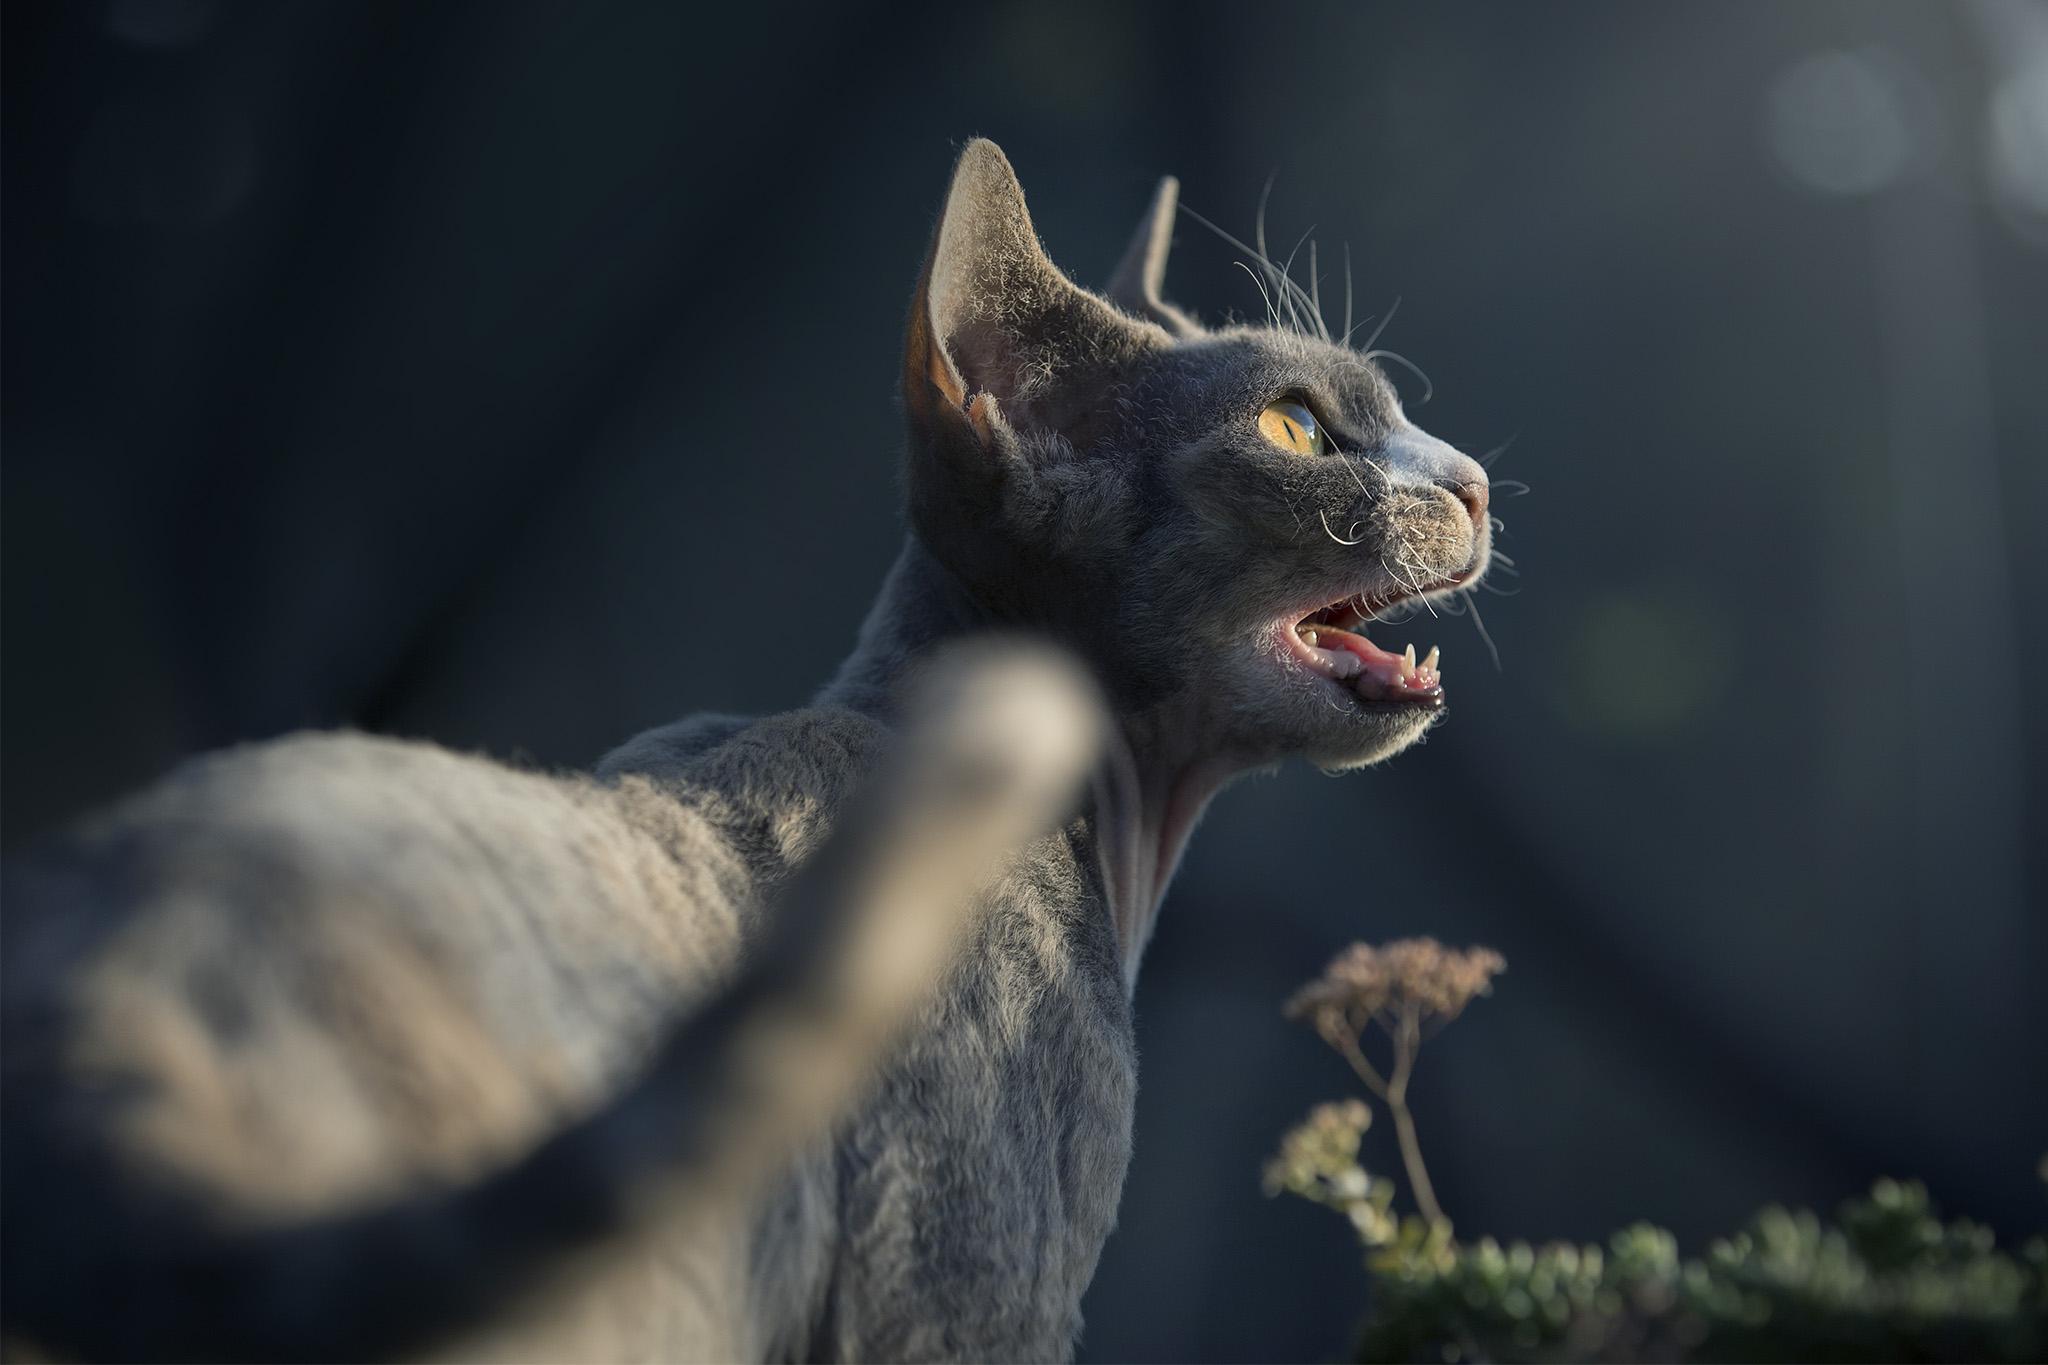 Chat qui miaule dans un jardin naturopathie pour animaux